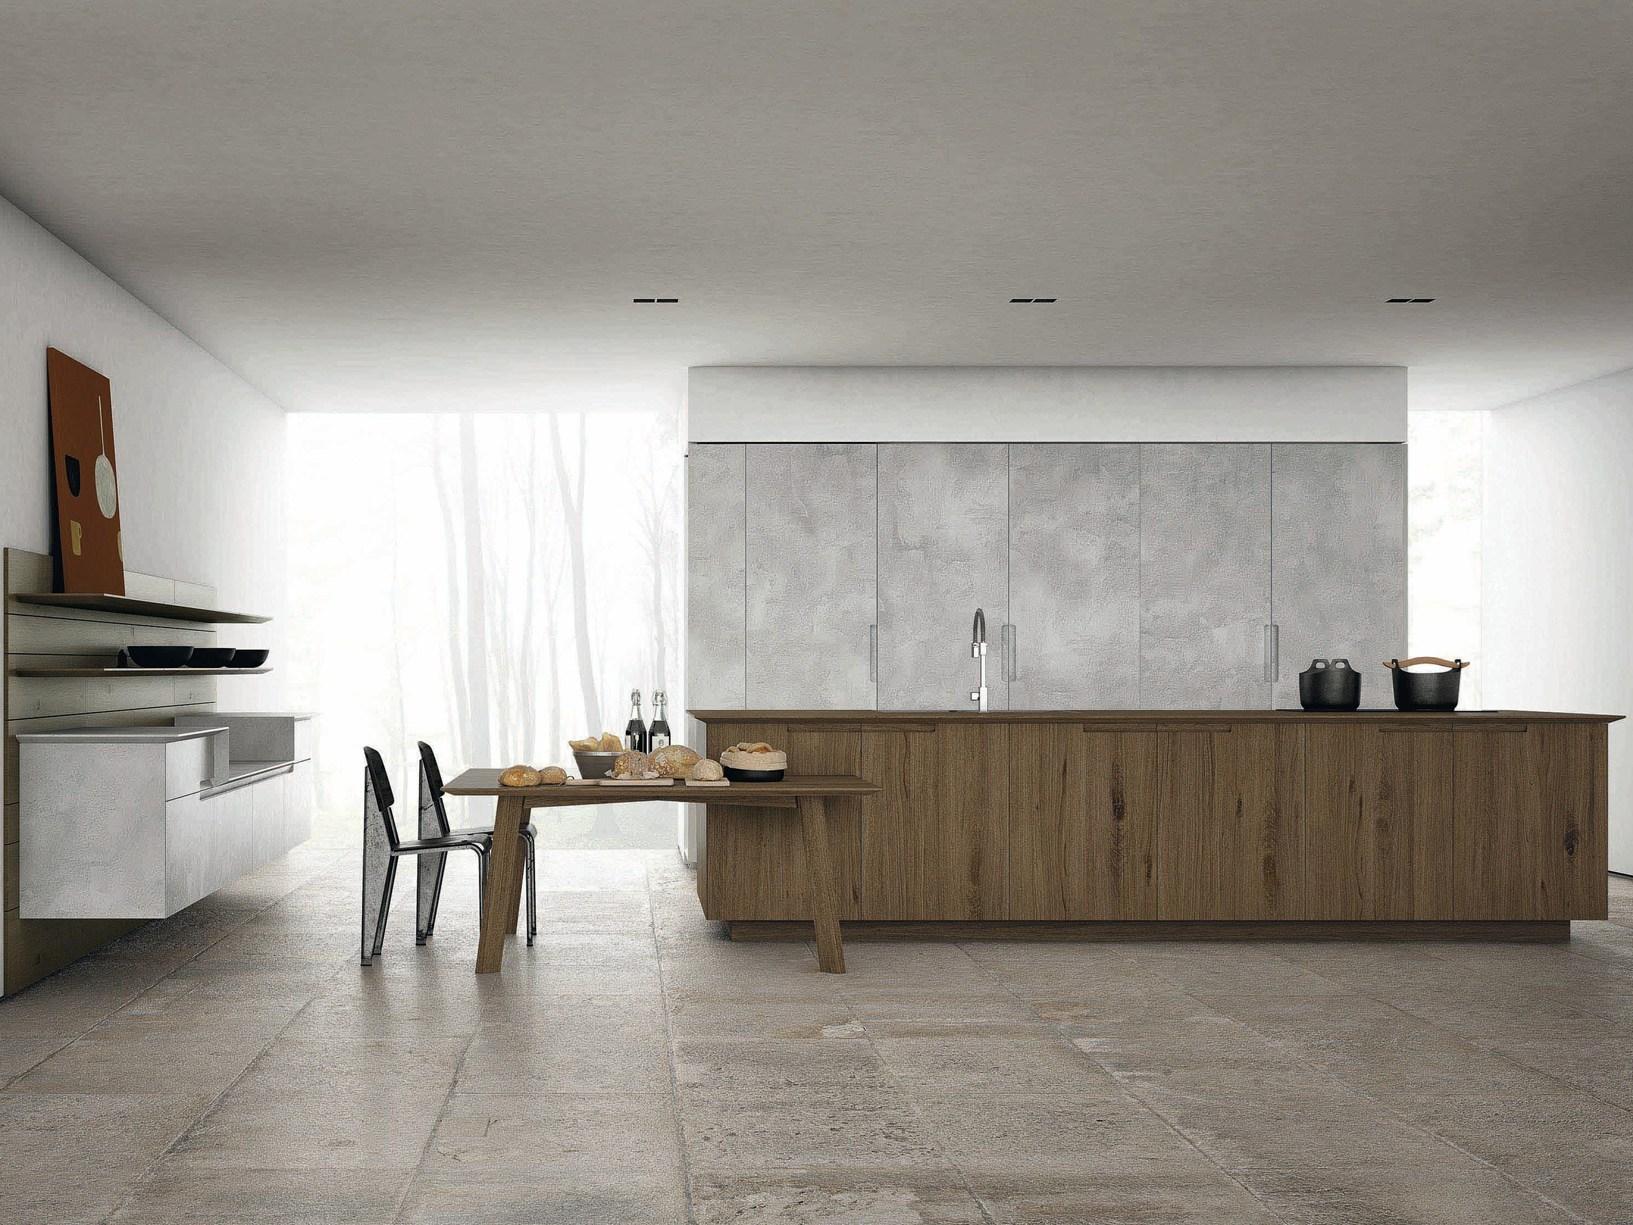 Nuove soluzioni estetiche e funzionali per le cucine cesar - Cesar cucine opinioni ...